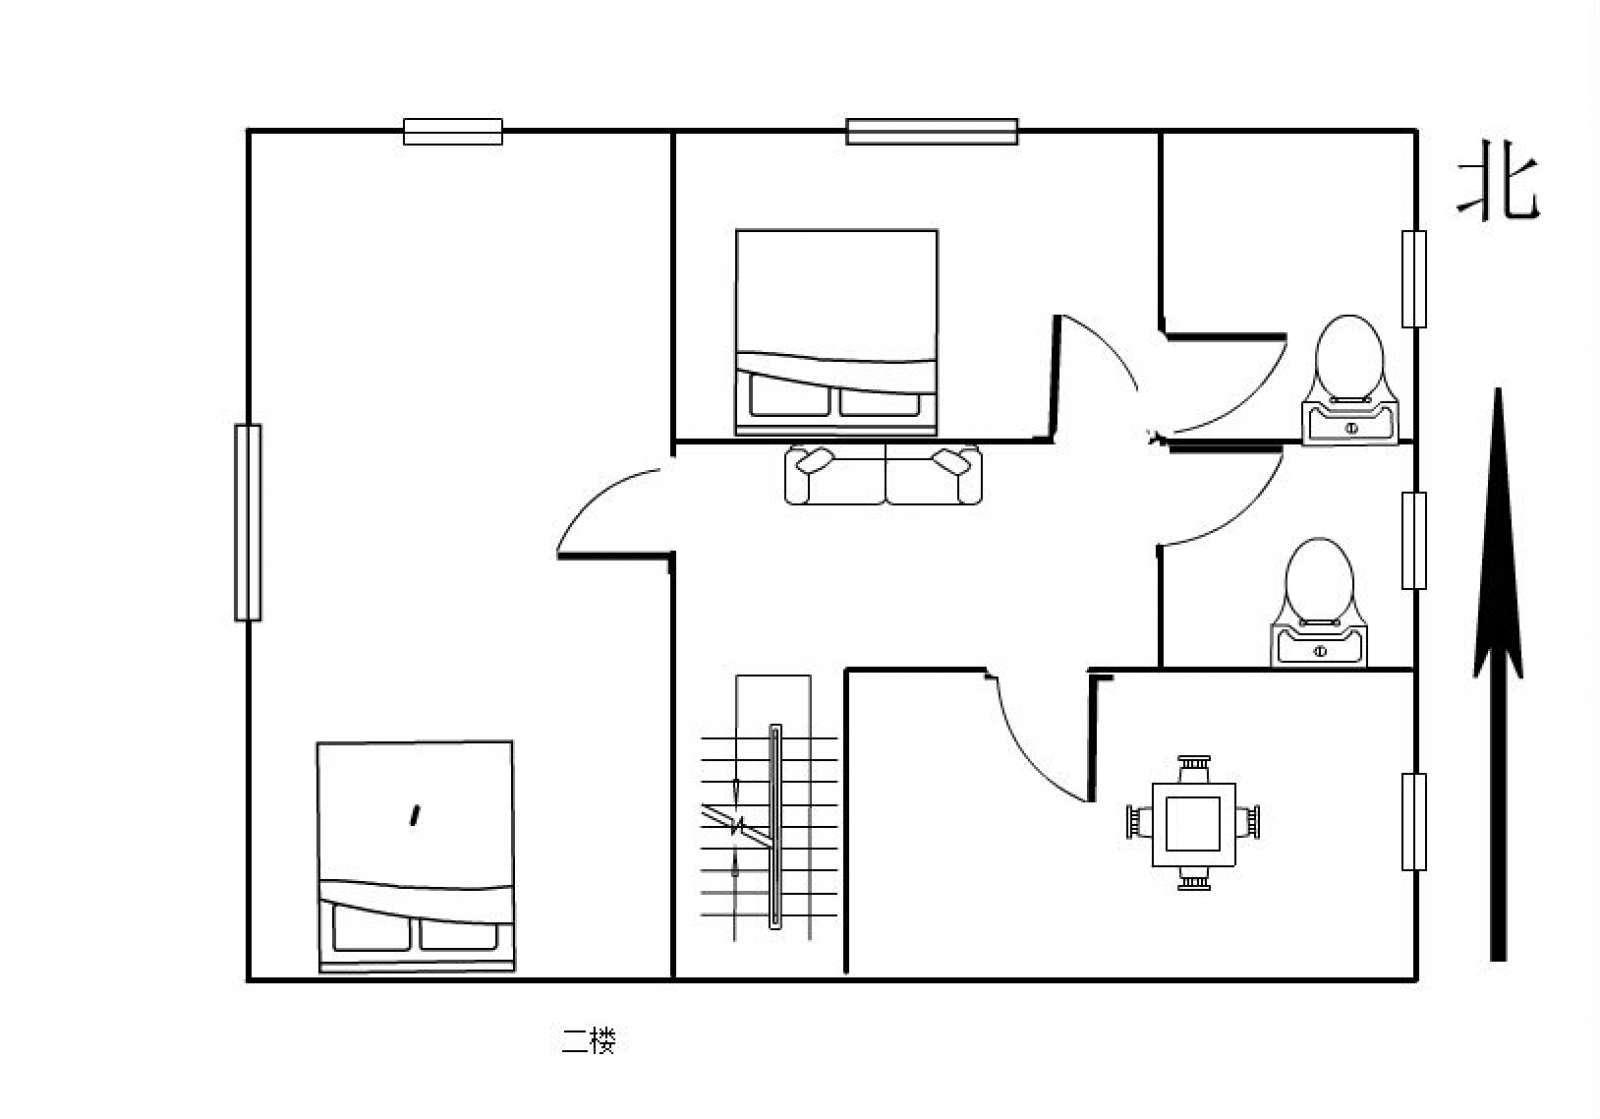 馨苑山庄 7室2厅347㎡